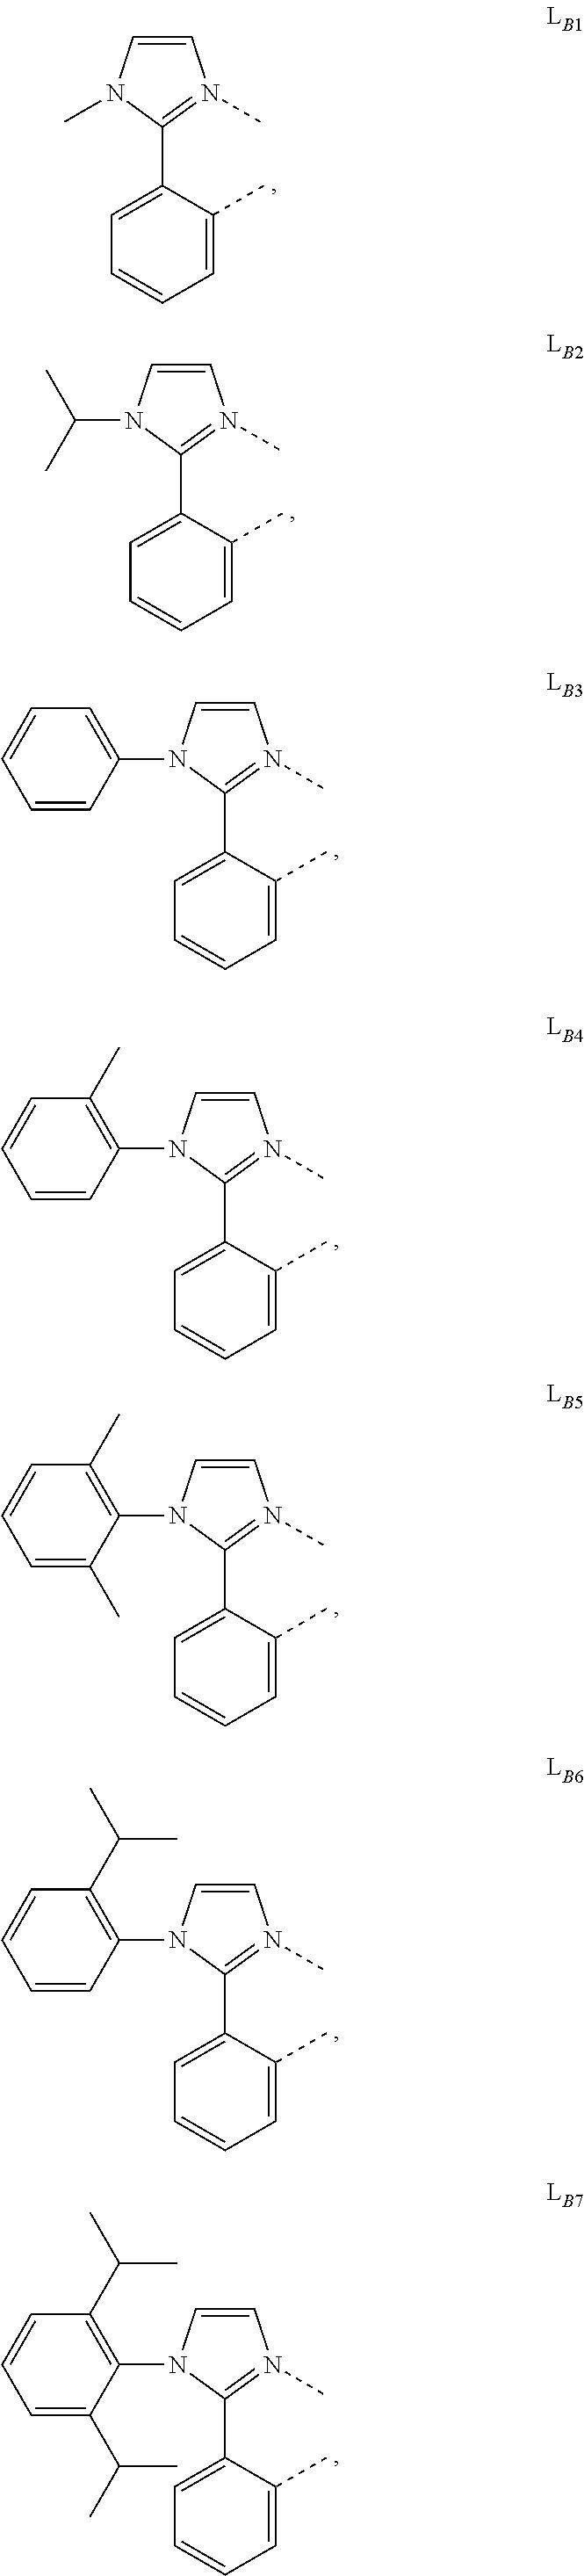 Figure US10043987-20180807-C00383